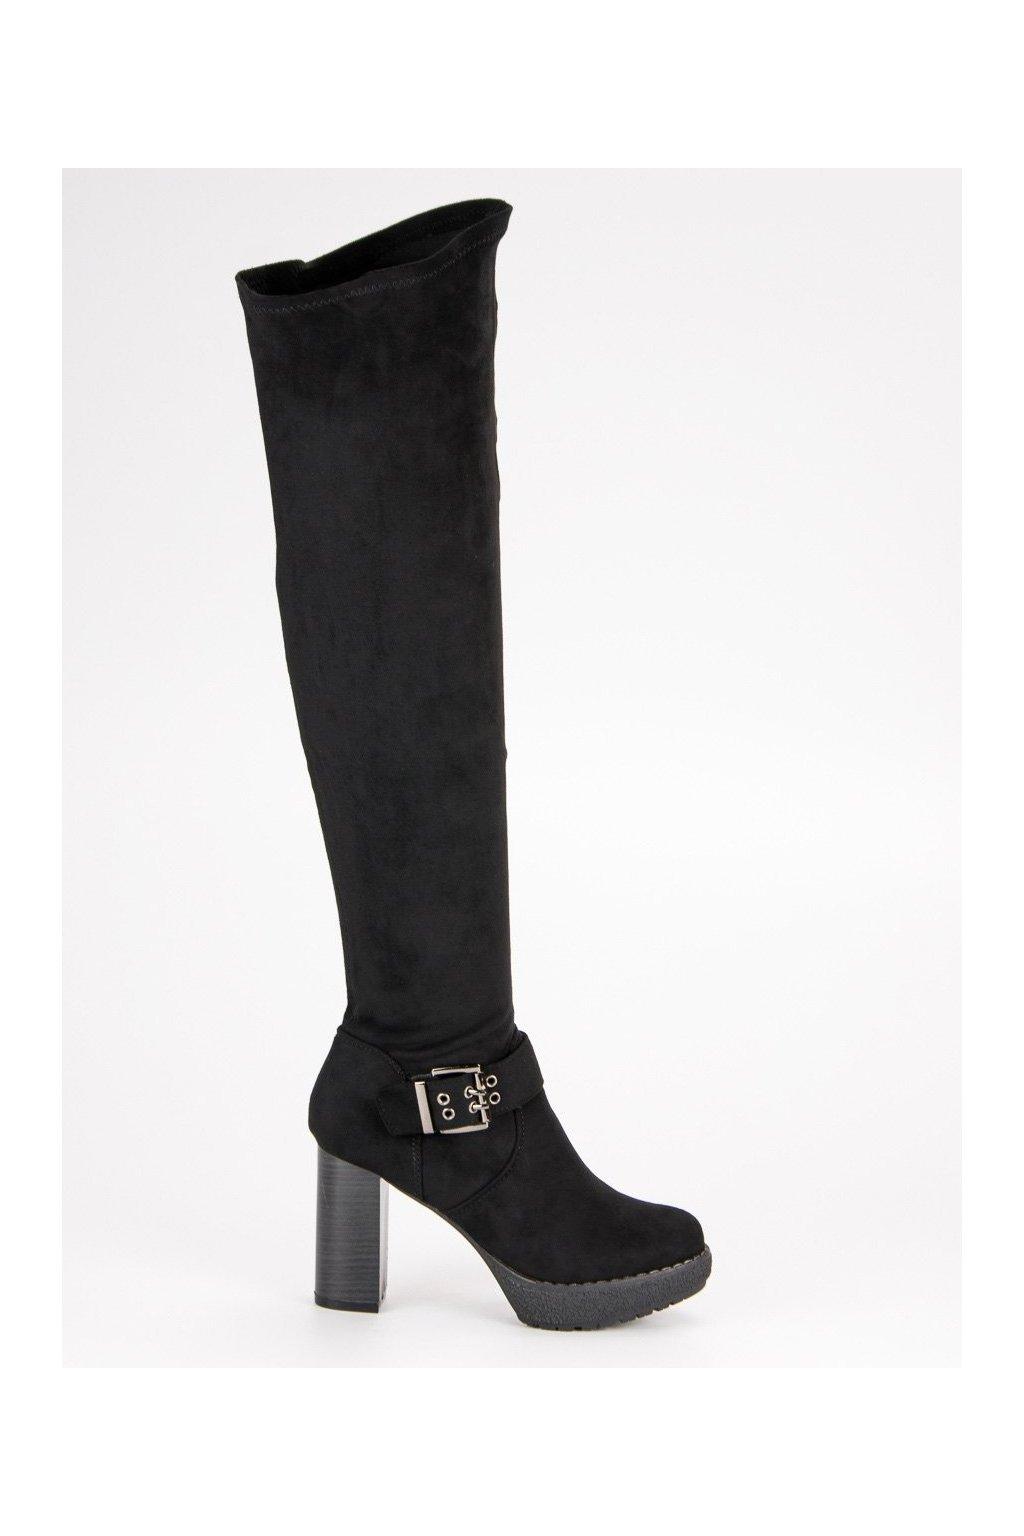 Čierne čižmy s viazaním nad koleno s prackou Super Me 862-GG-B  22f158d6b13